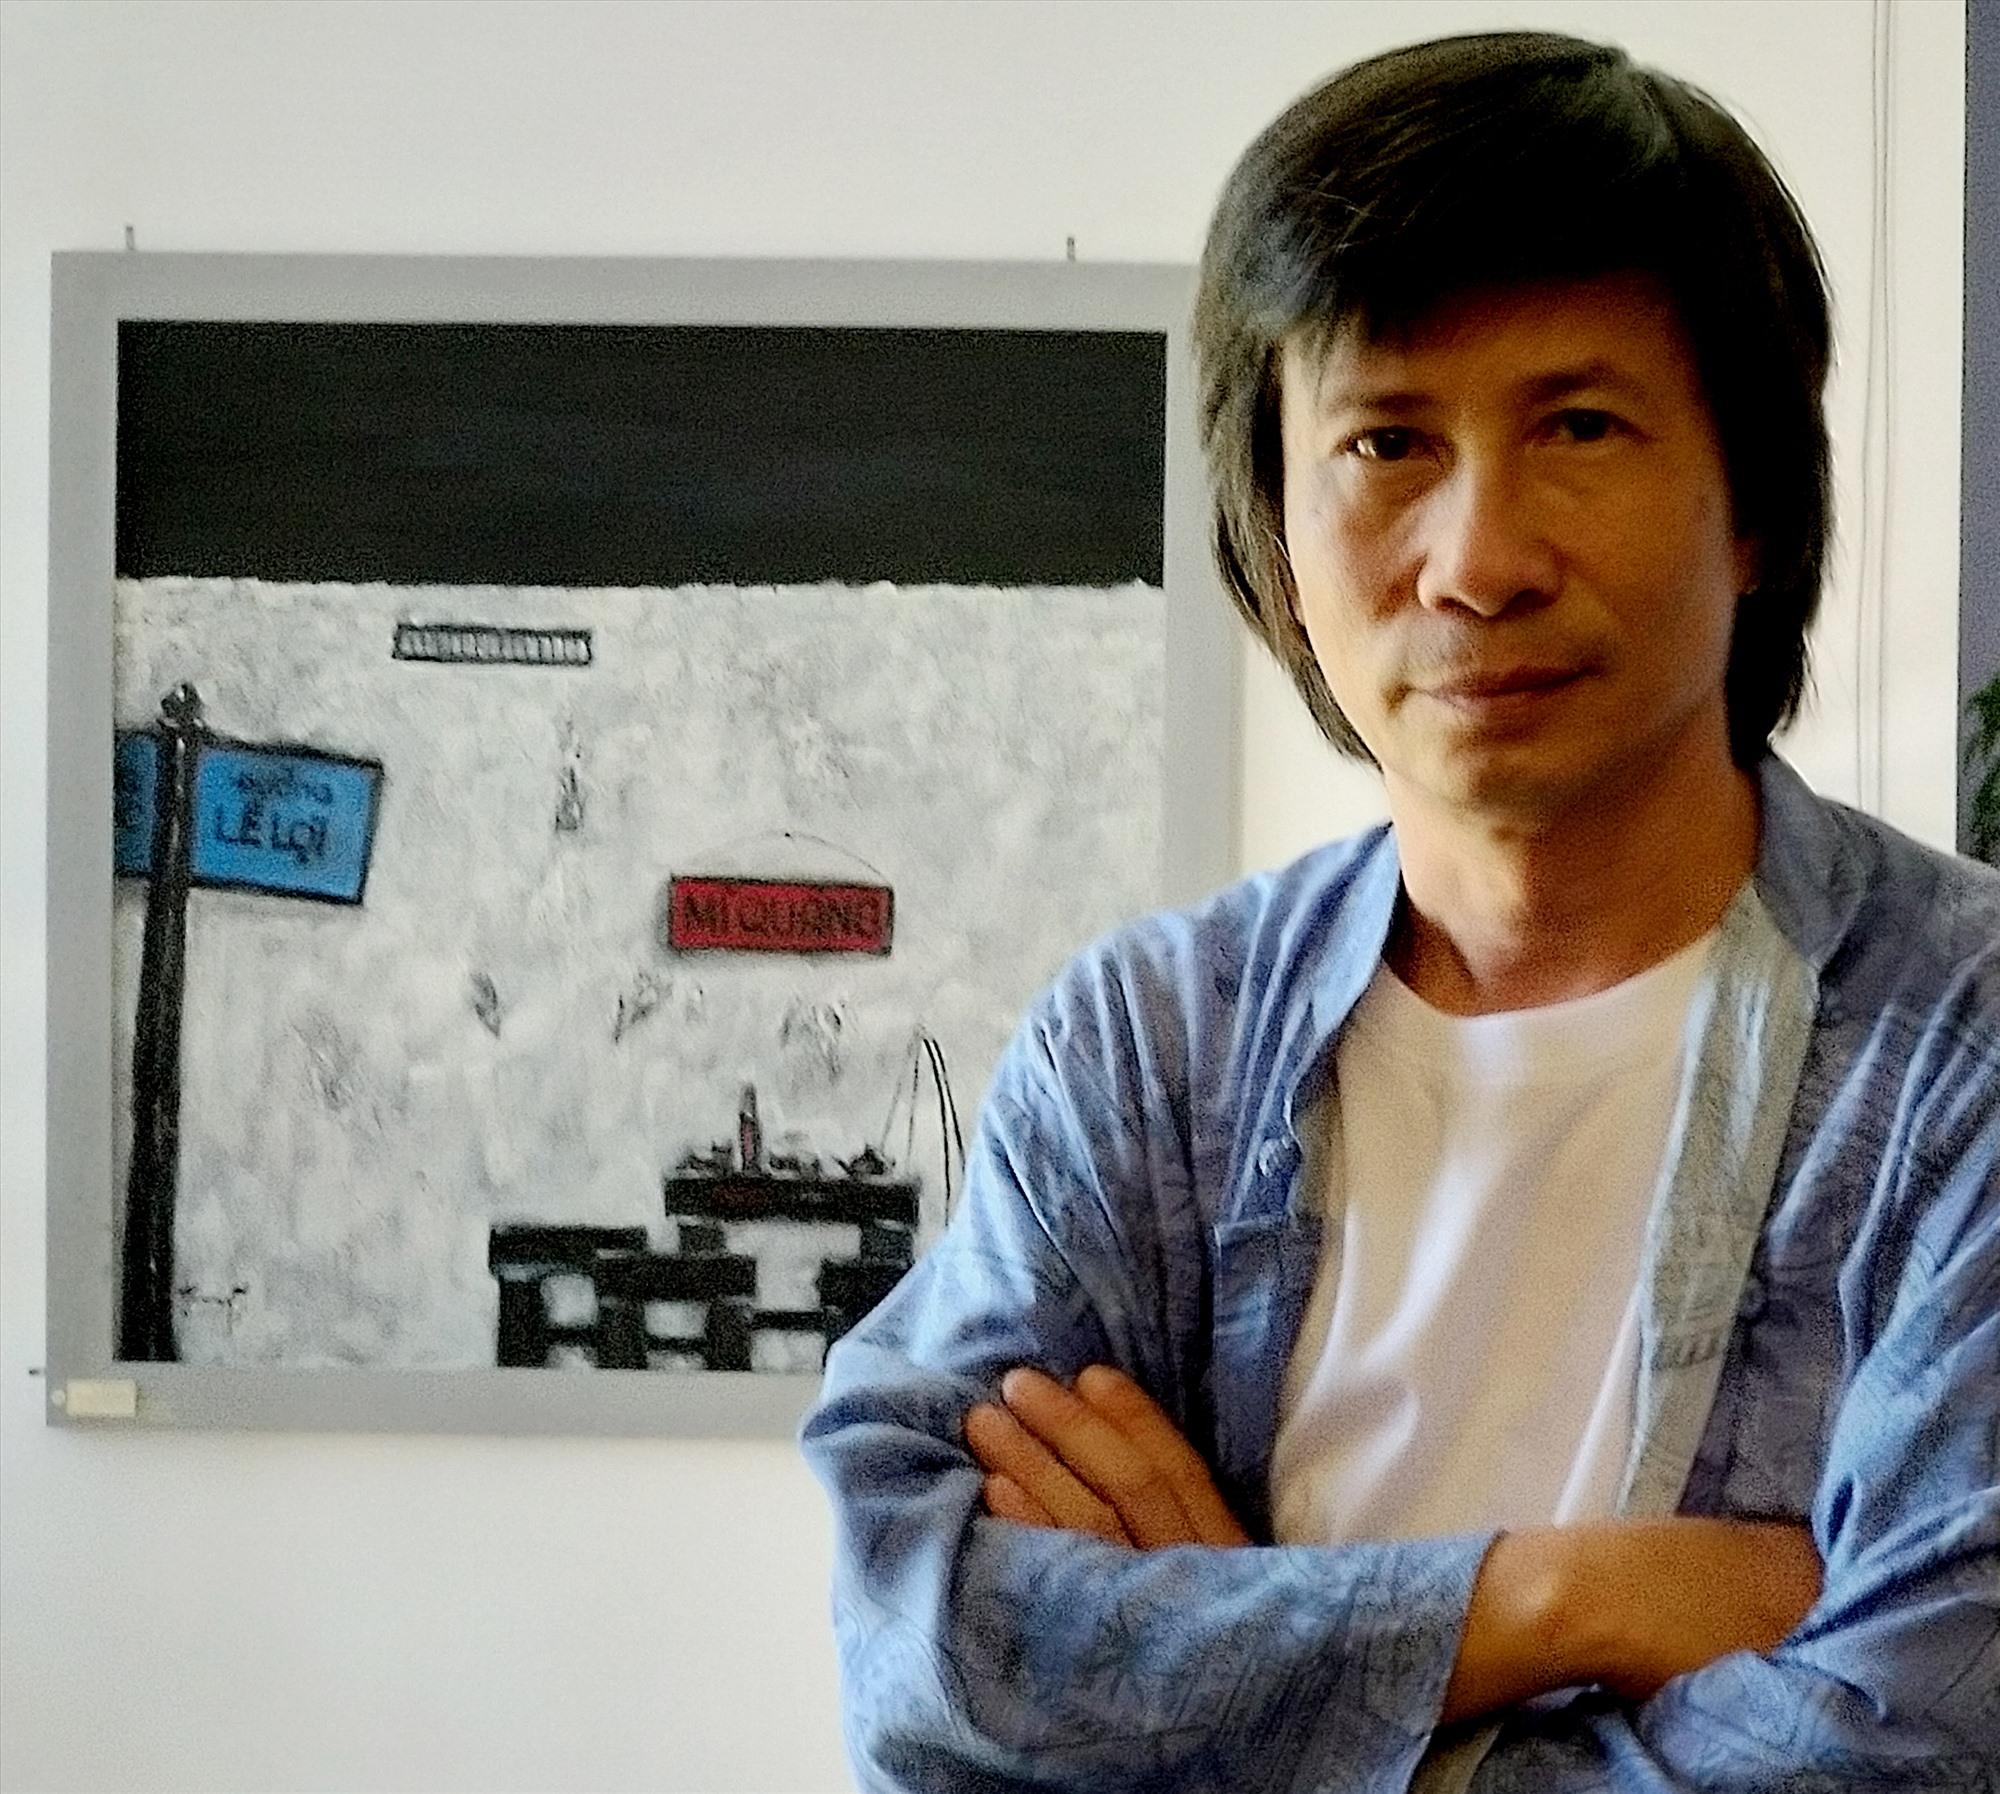 """Họa sĩ Trương Bách Tường và bức tranh """"Góc phố"""" treo trên tường phía sau."""